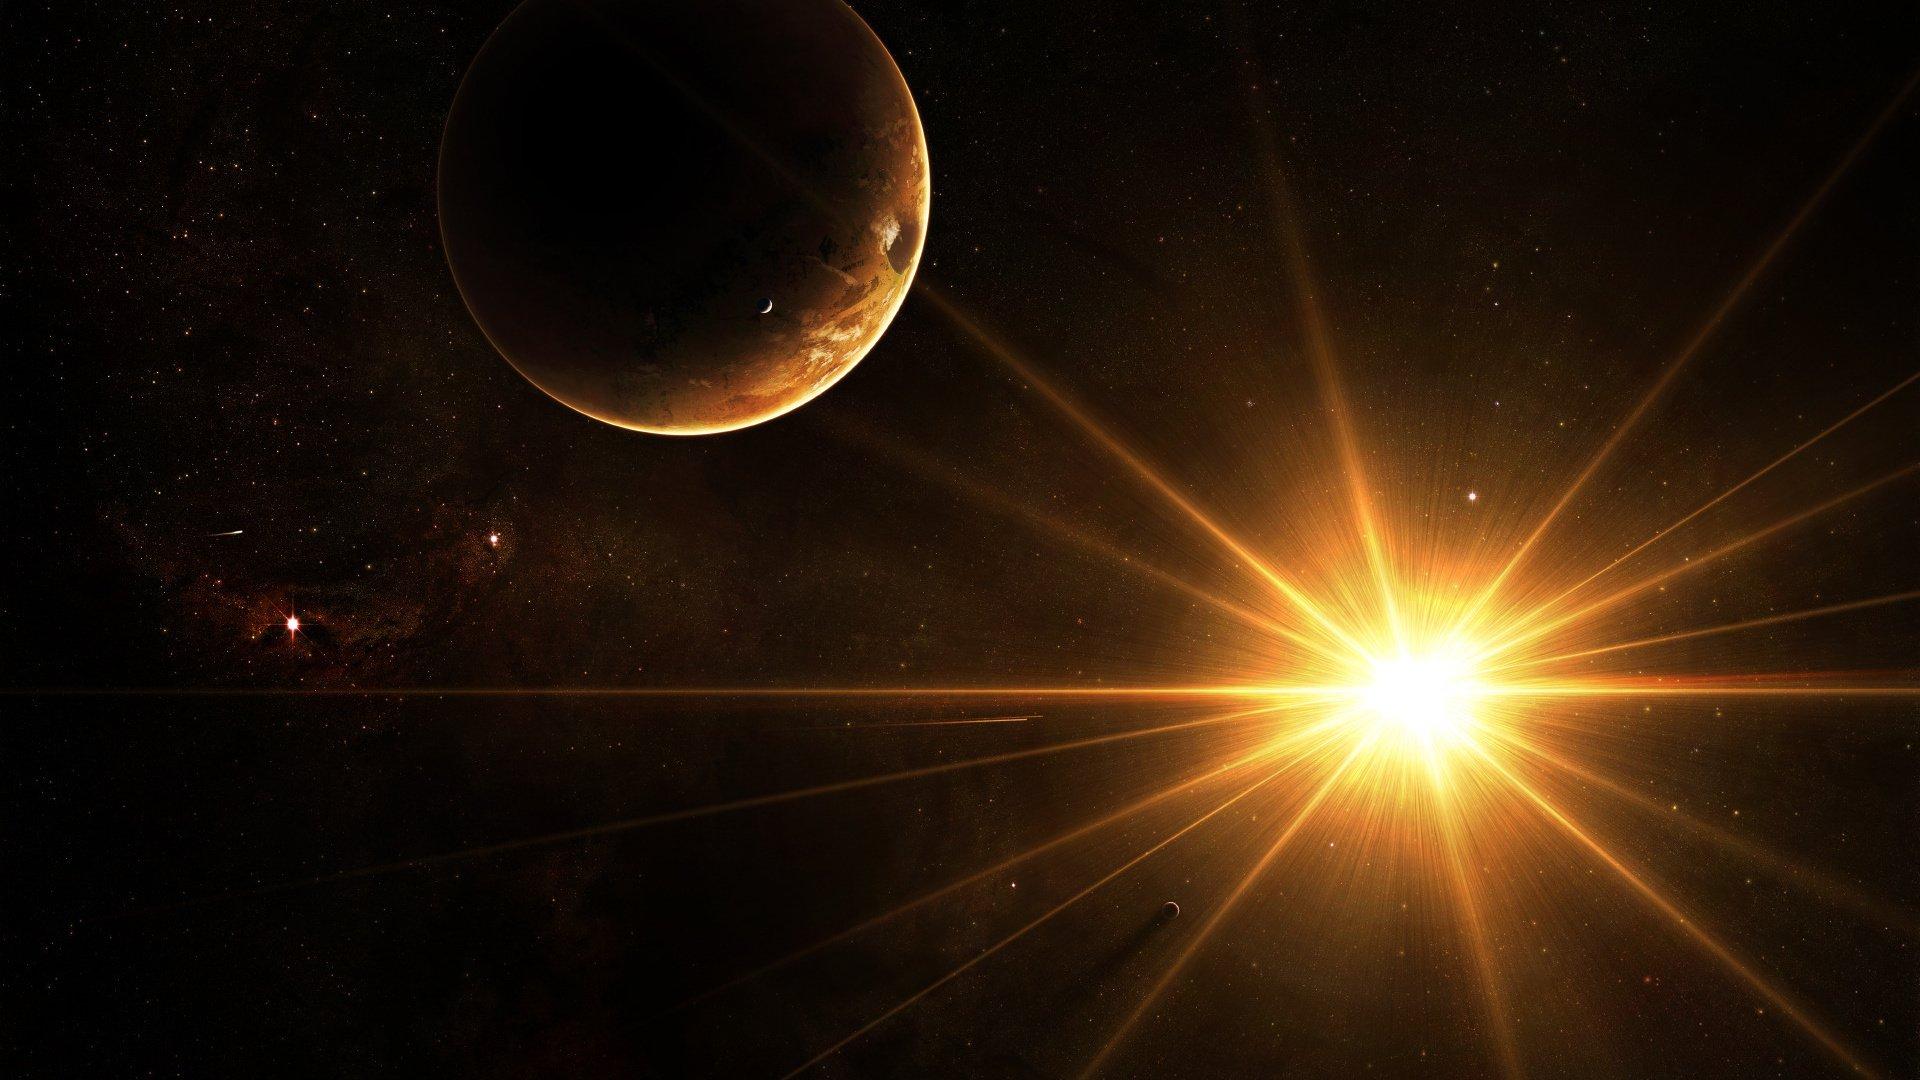 Астрономическая фото высокого разрешения